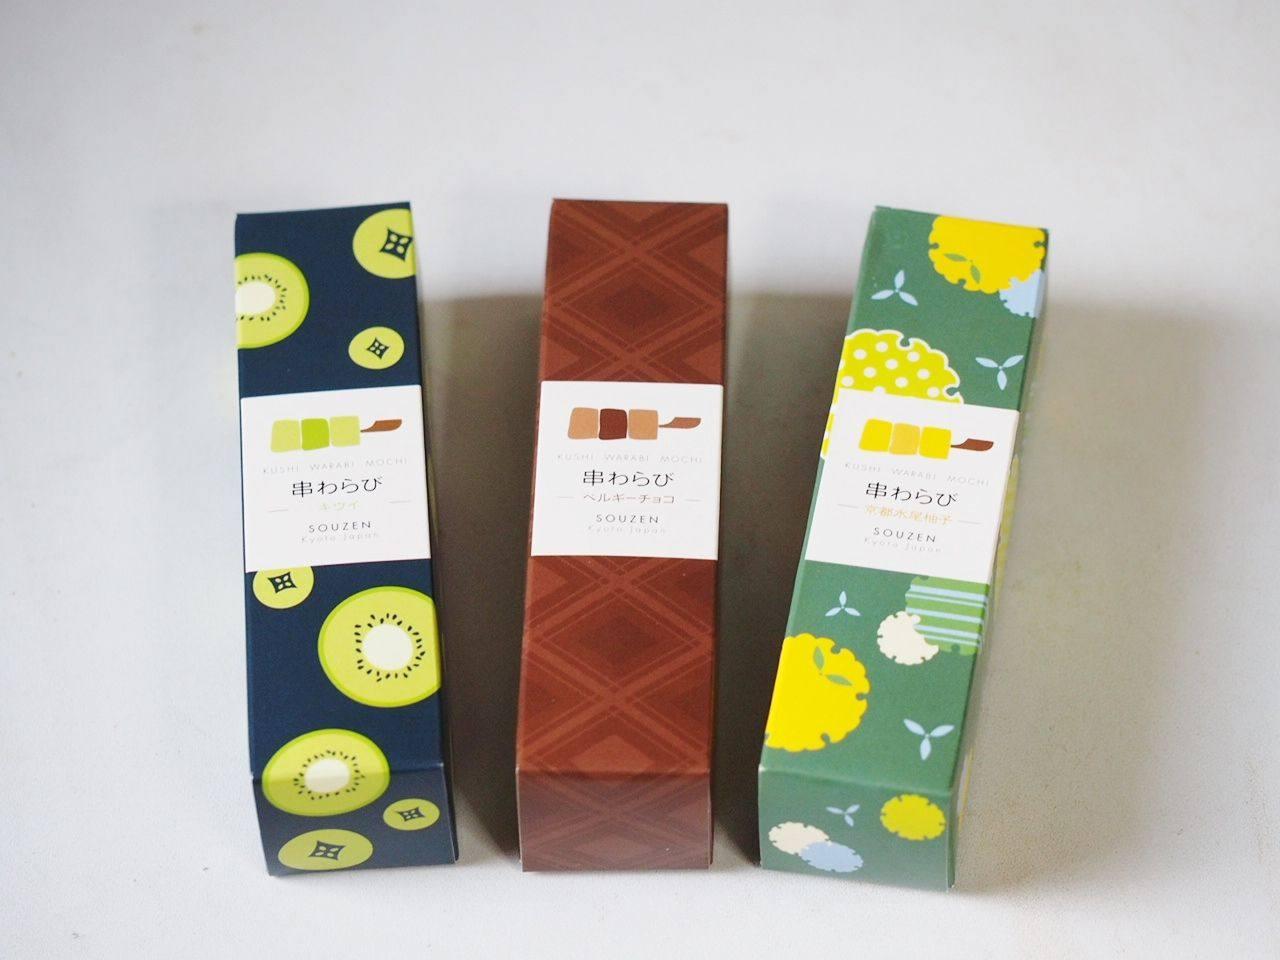 左邊開始的口味分別是奇異果、比利時巧克力、京都水尾柚子